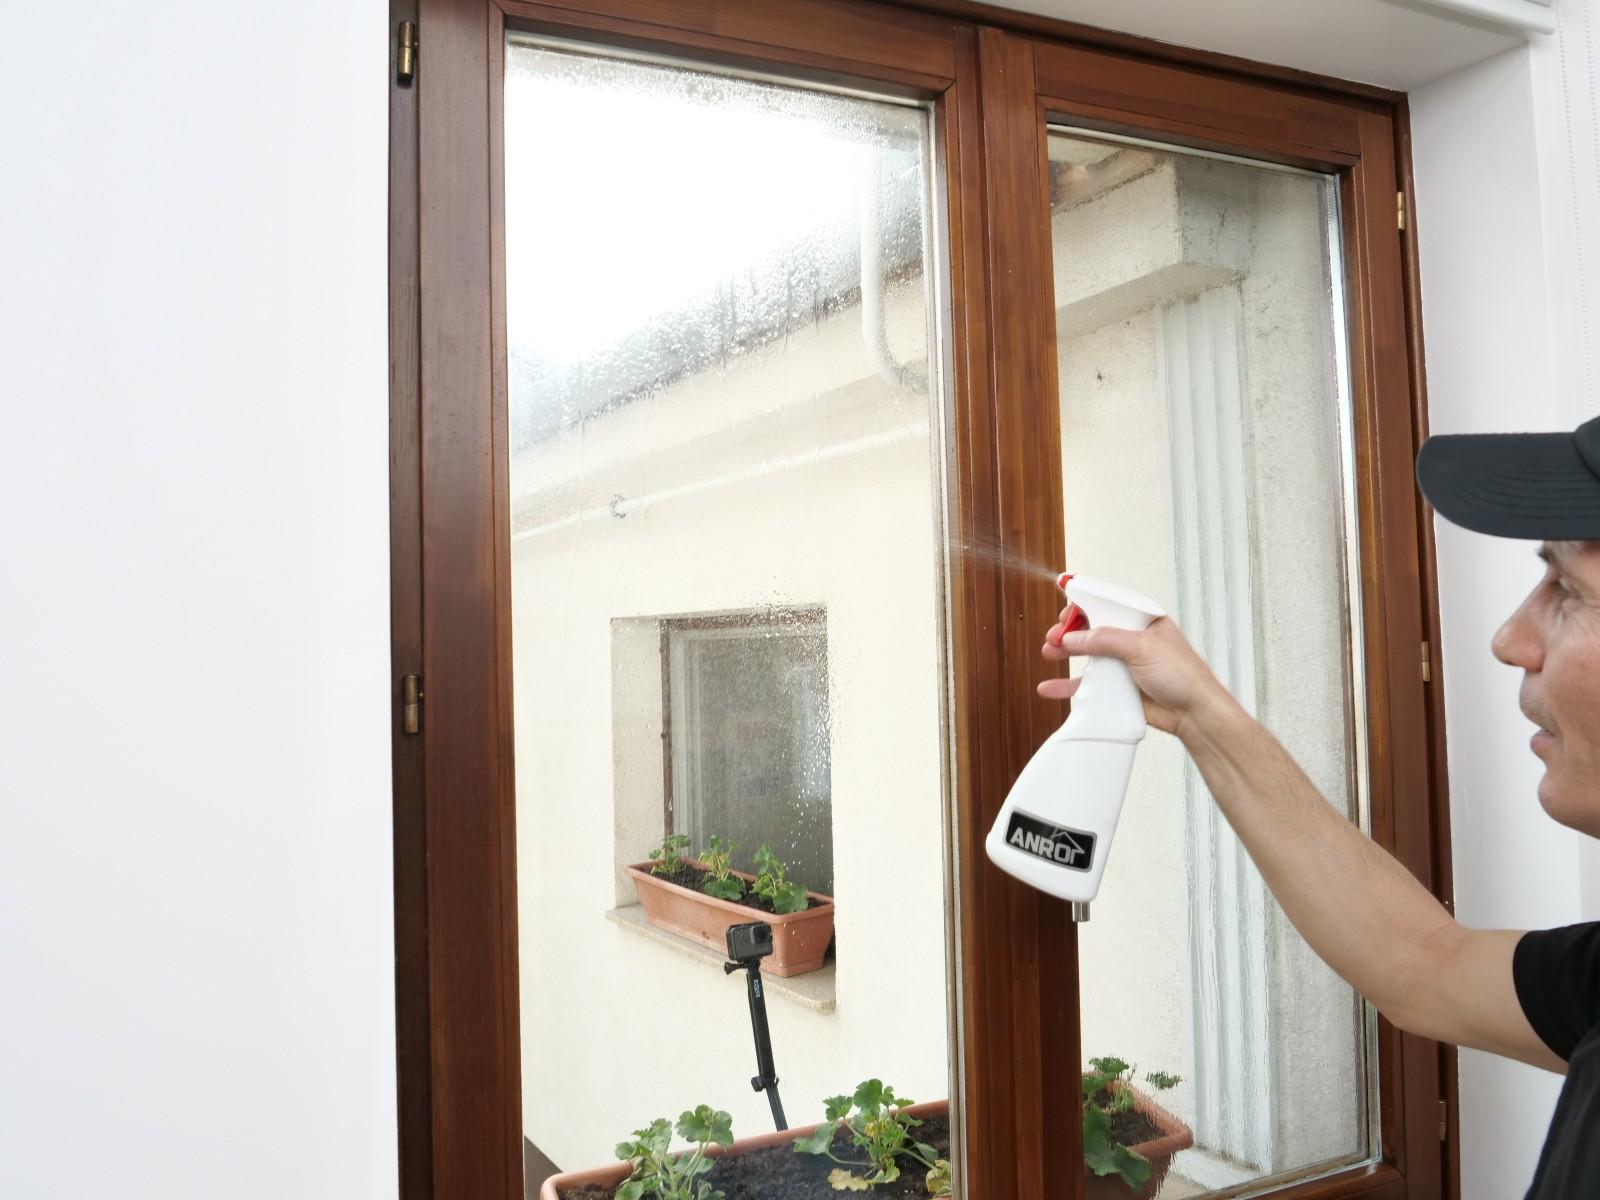 A felragasztás megkezdése előtt jó alaposan vizezzük be az ablaküveget.